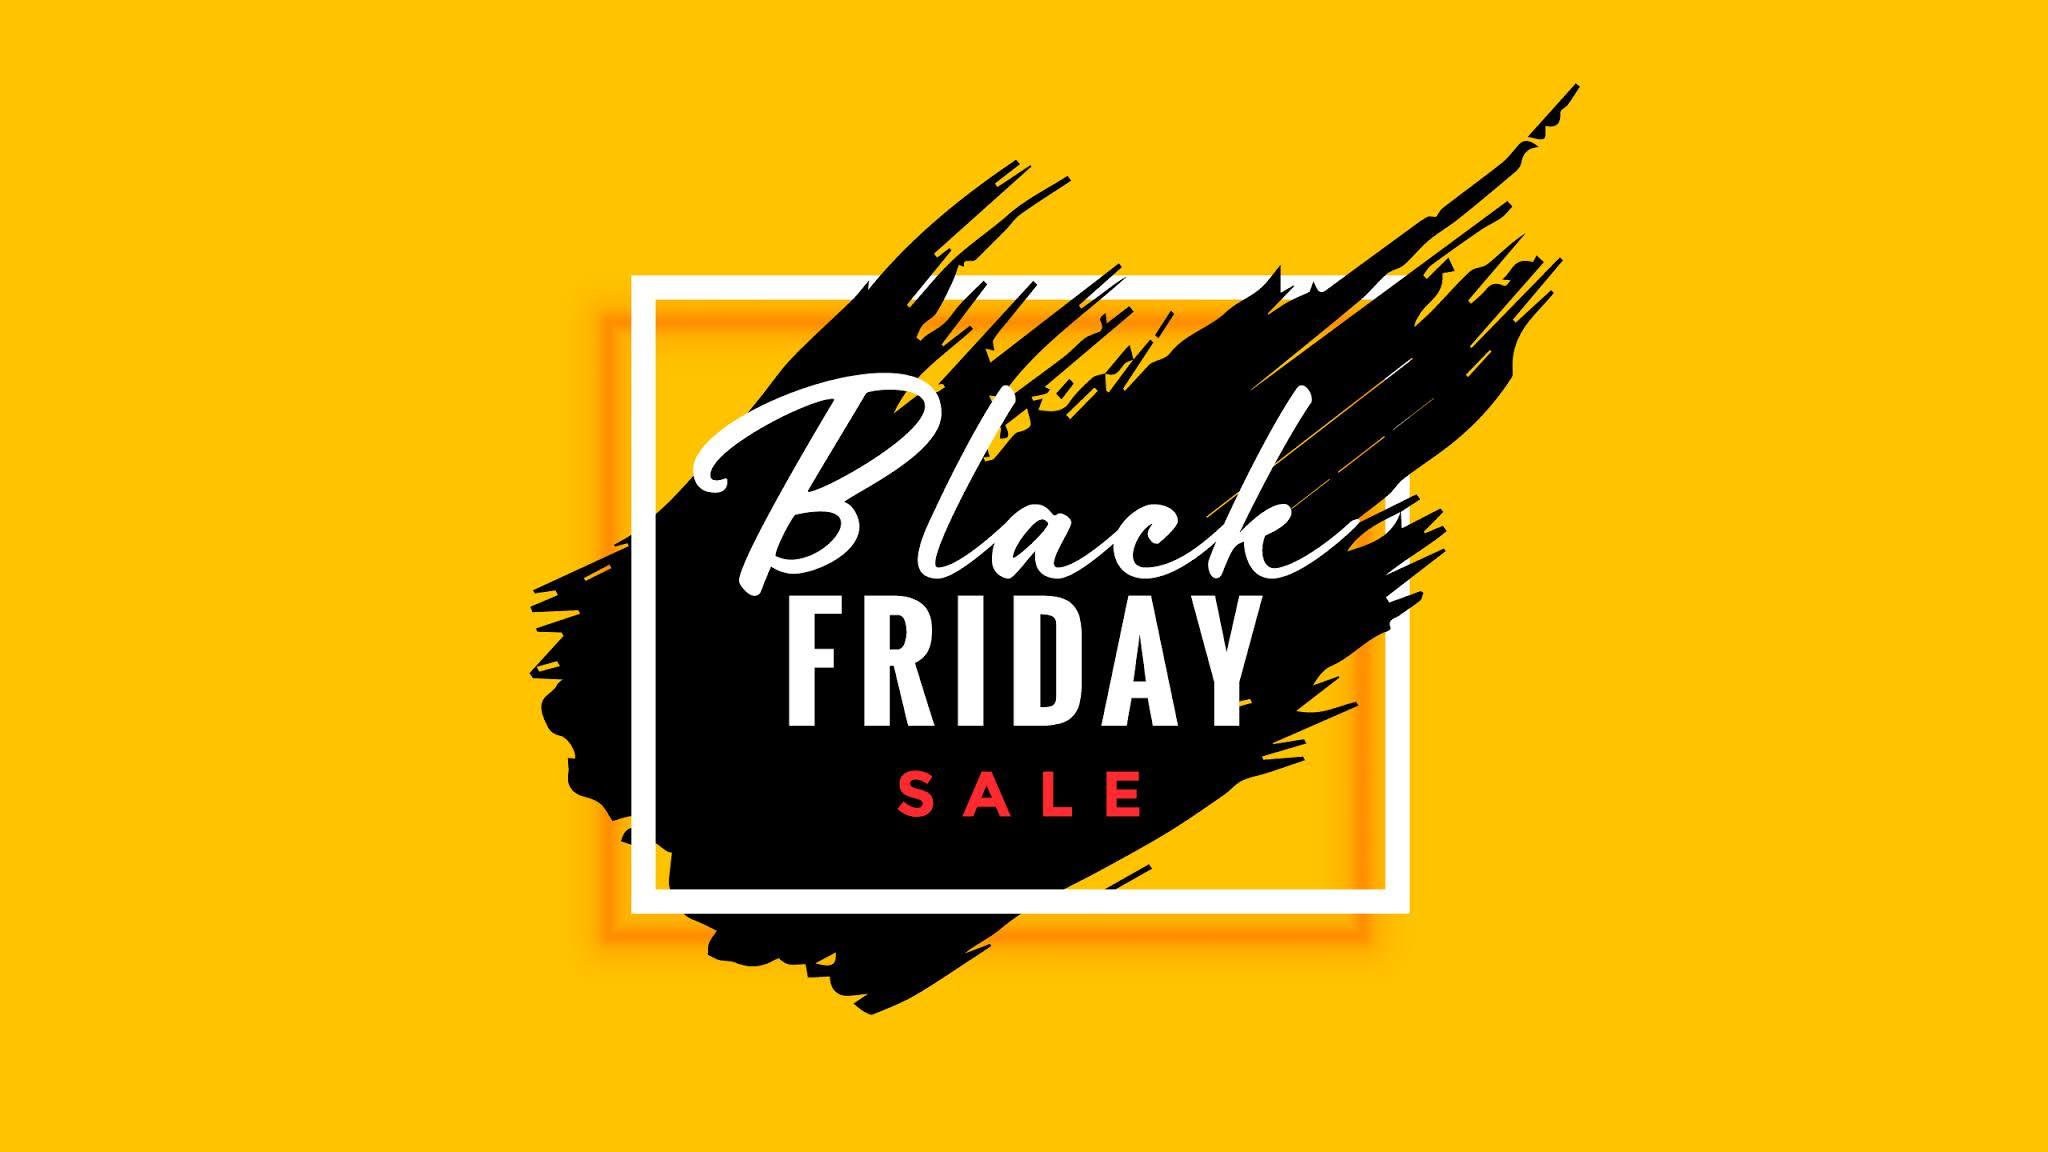 Black Friday Wallpaper 2048x1152